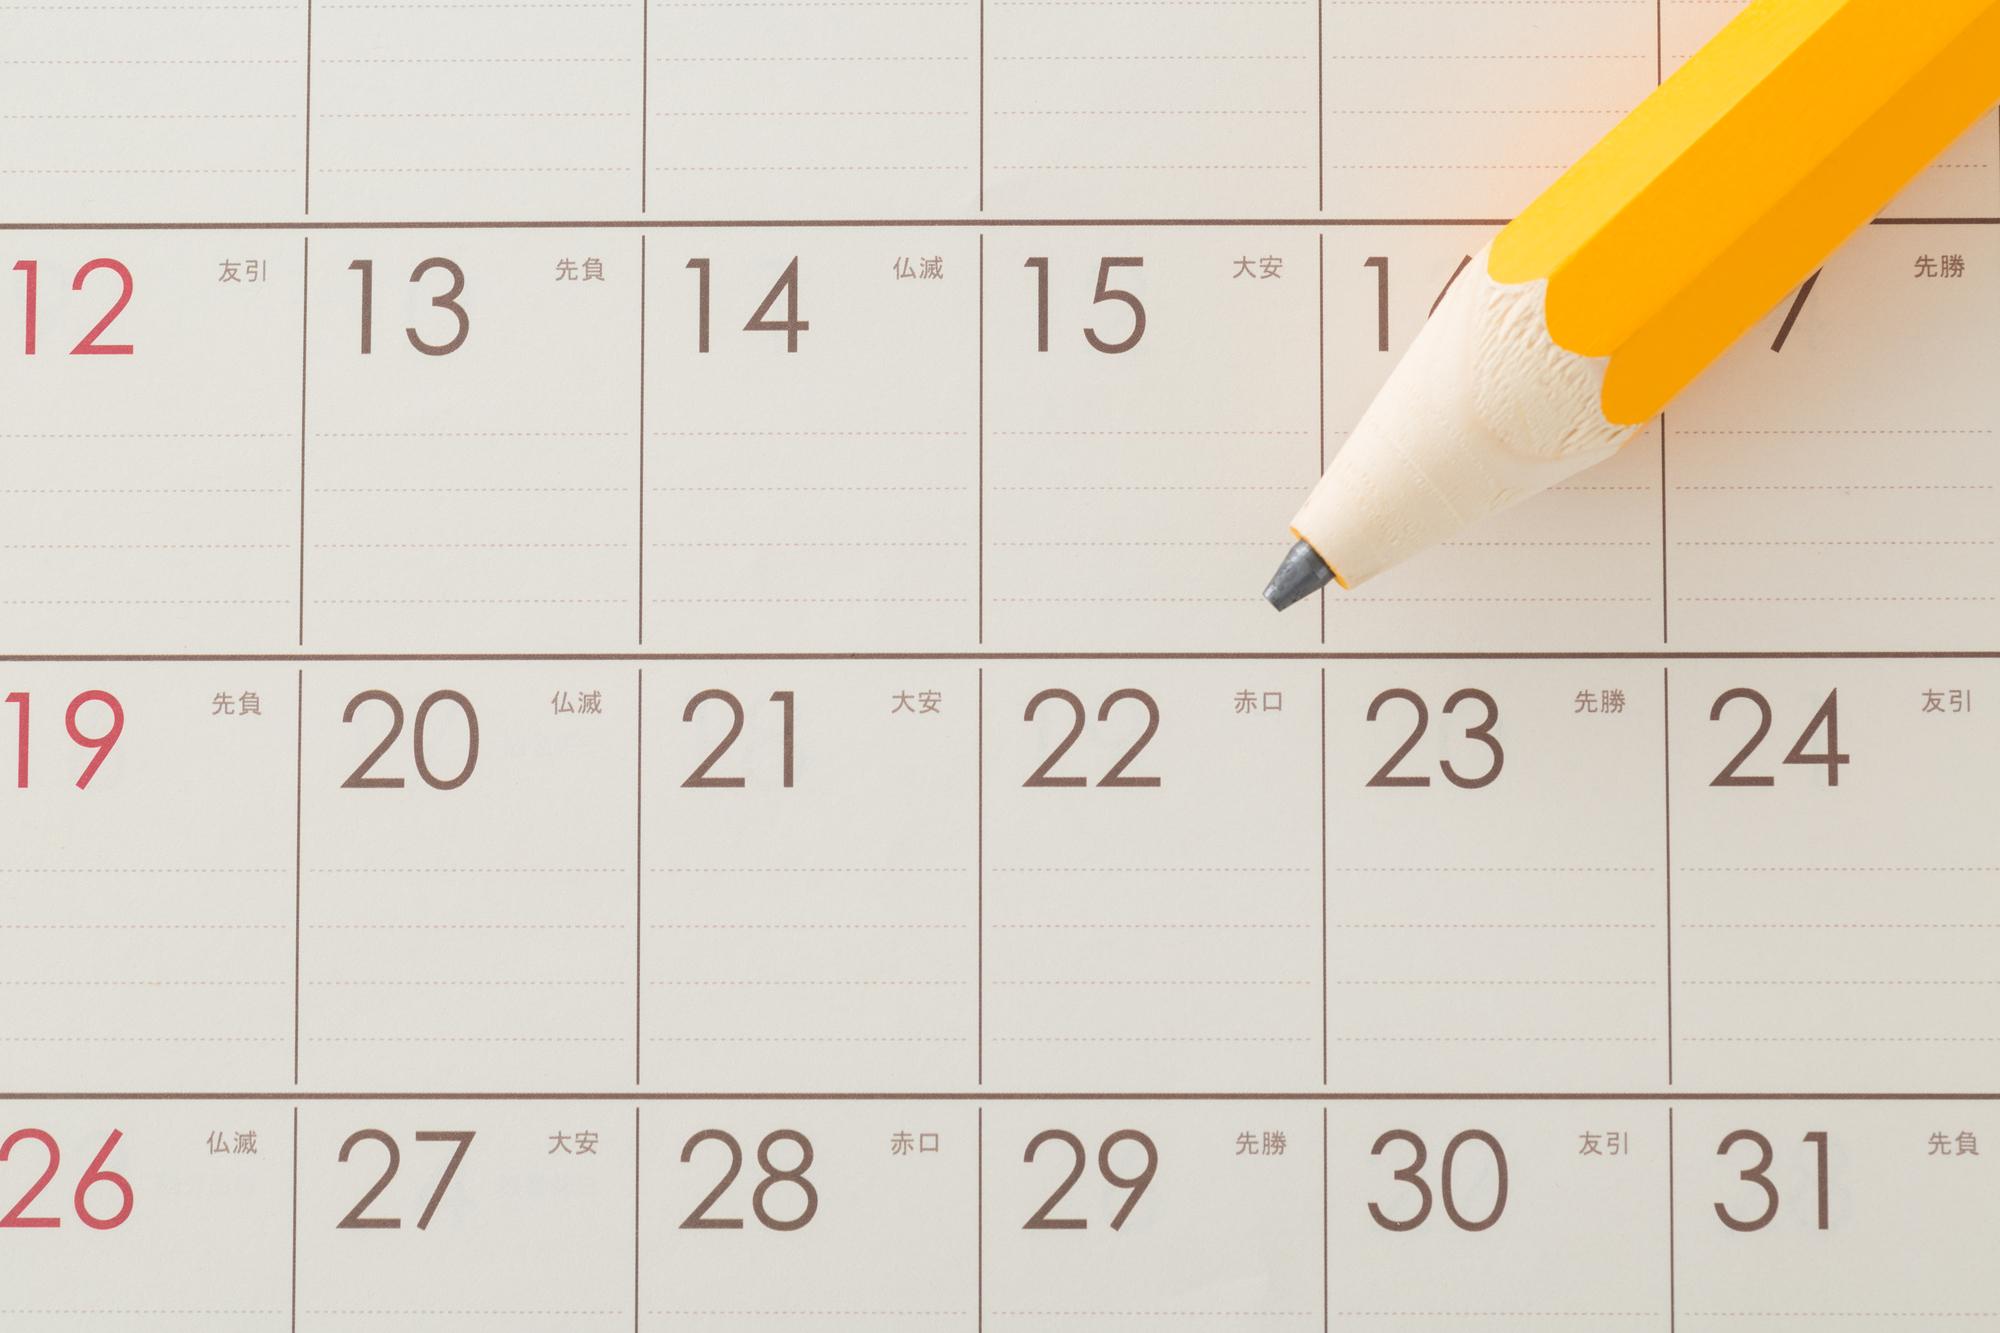 転職にはどのくらいの期間がかかる?平均的な期間や転職を成功させるポイントを解説!